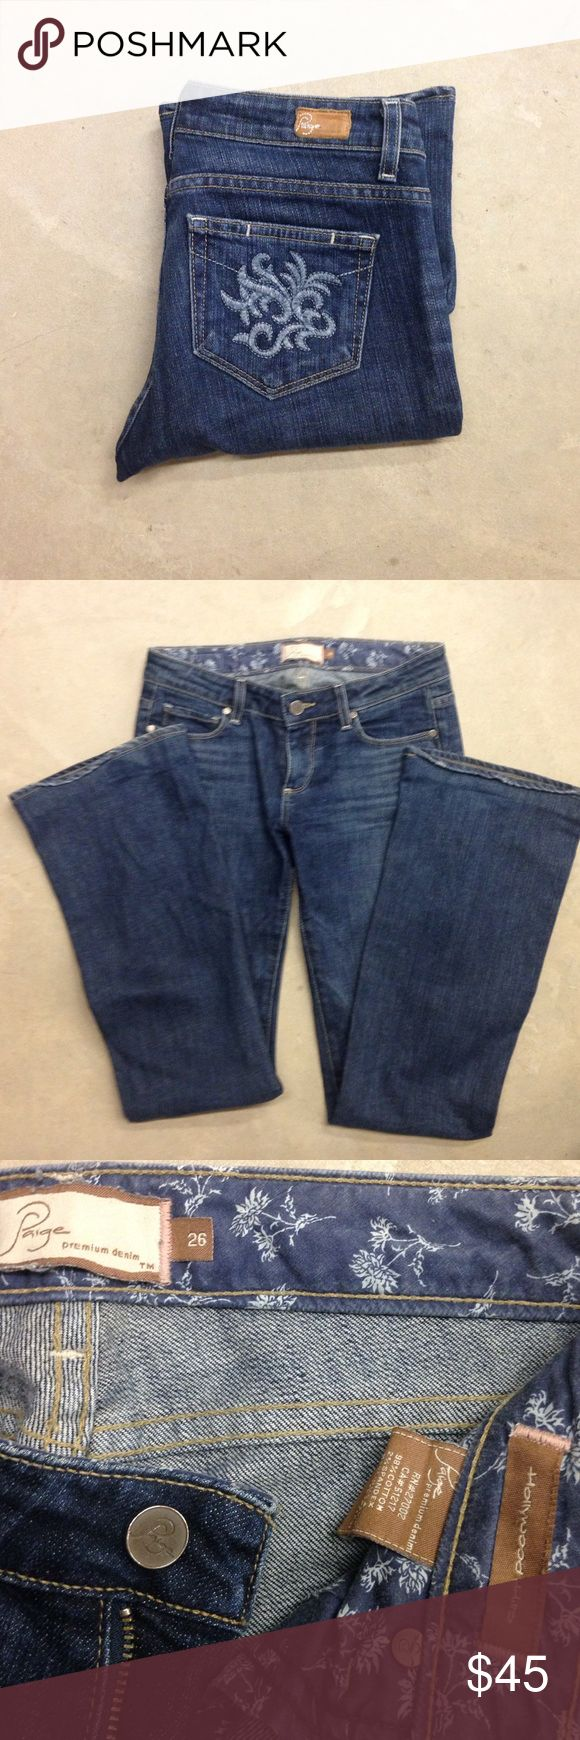 """Paige Premium Denim-Hollywood Hills Paige Premium Denim-Hollywood Hills jeans 👖 size 26, inseam 31"""". Paige Jeans Pants"""